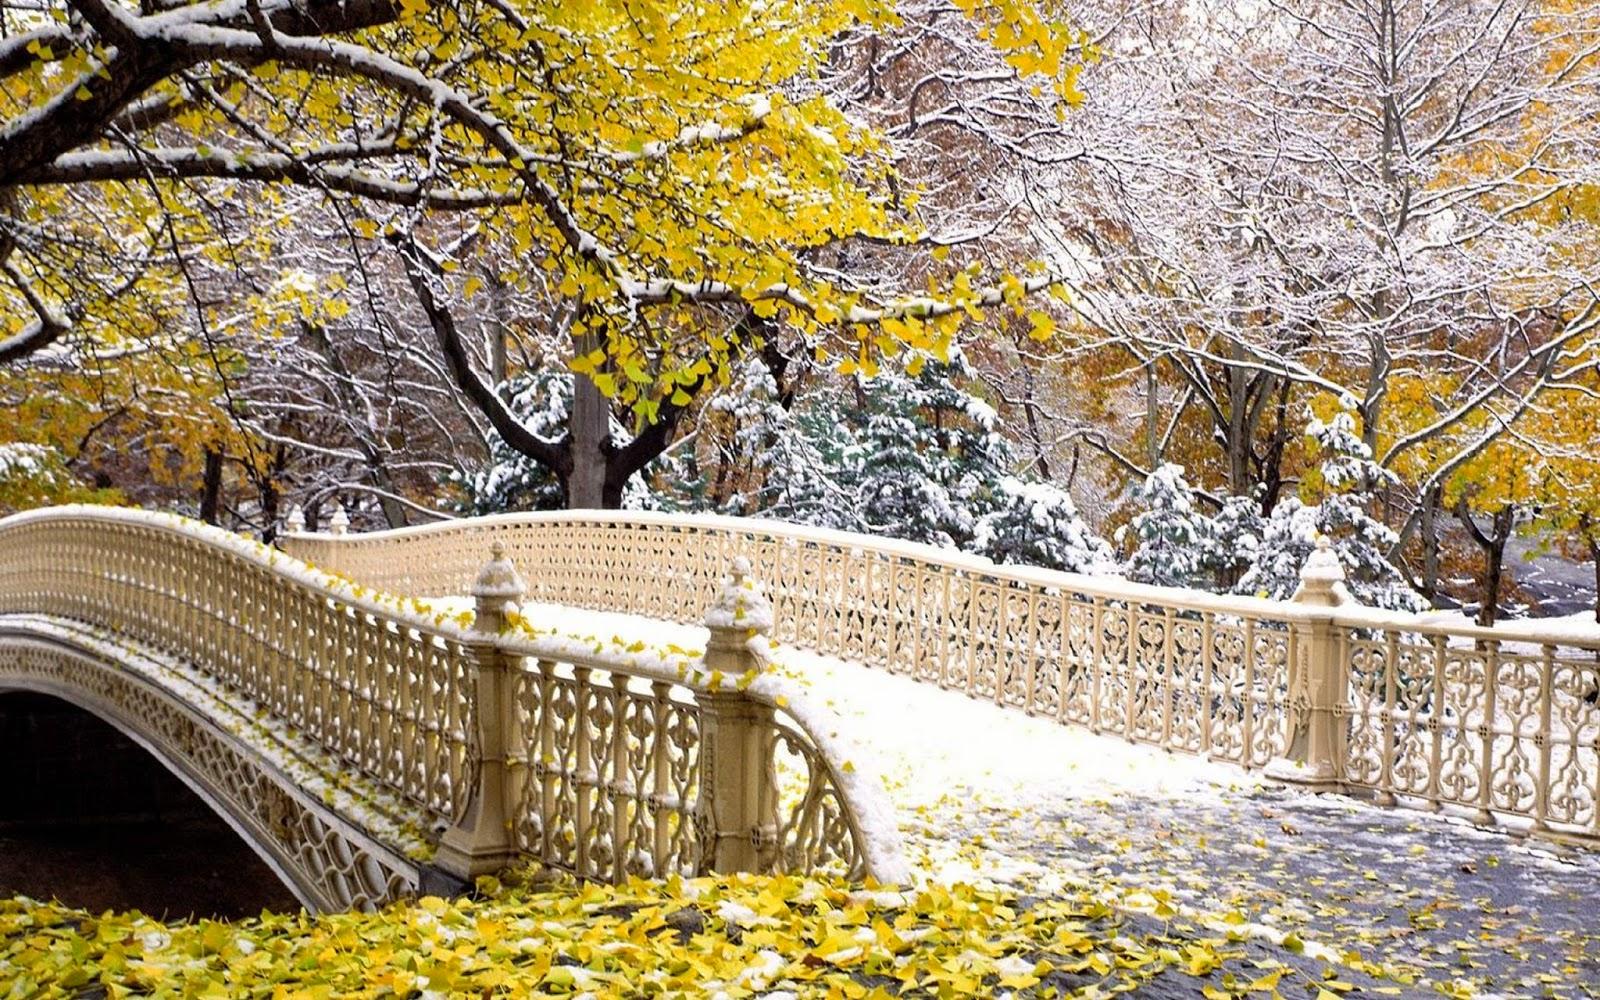 hình ảnh cây cầu đẹp